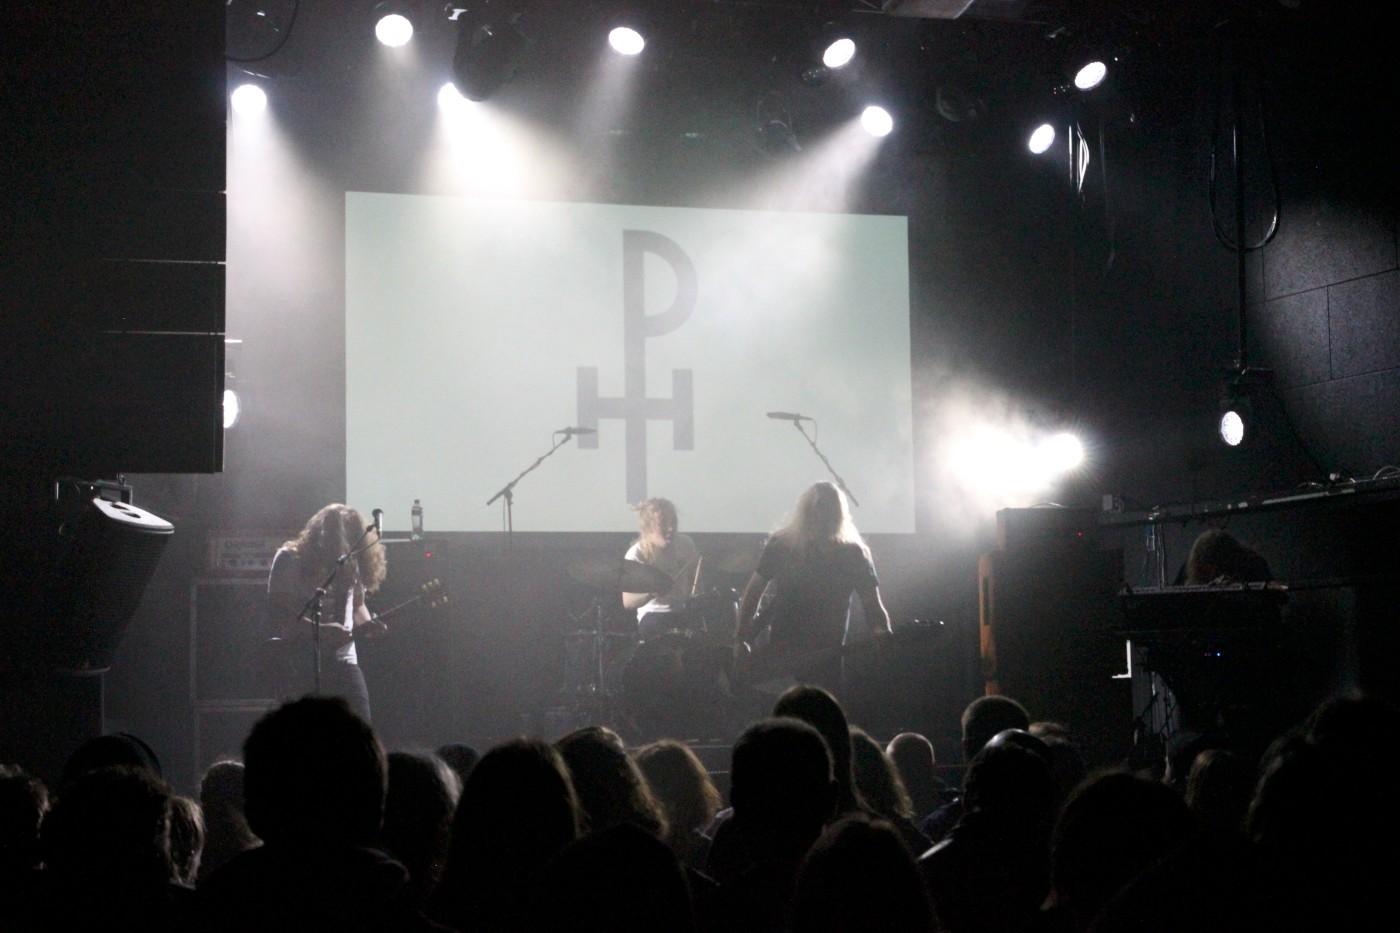 ph 1 (Photo by JJ Koczan)